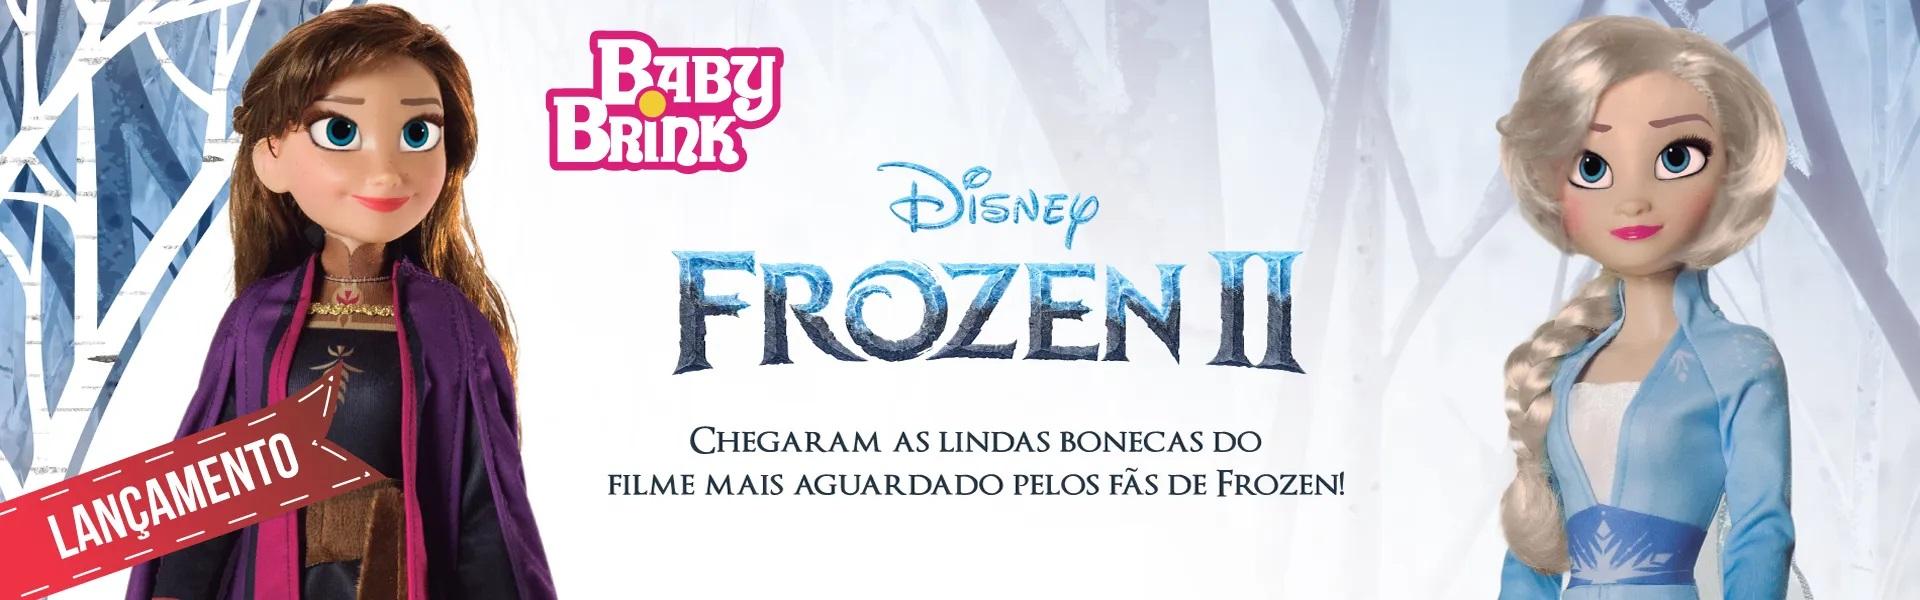 Lançamento Frozen